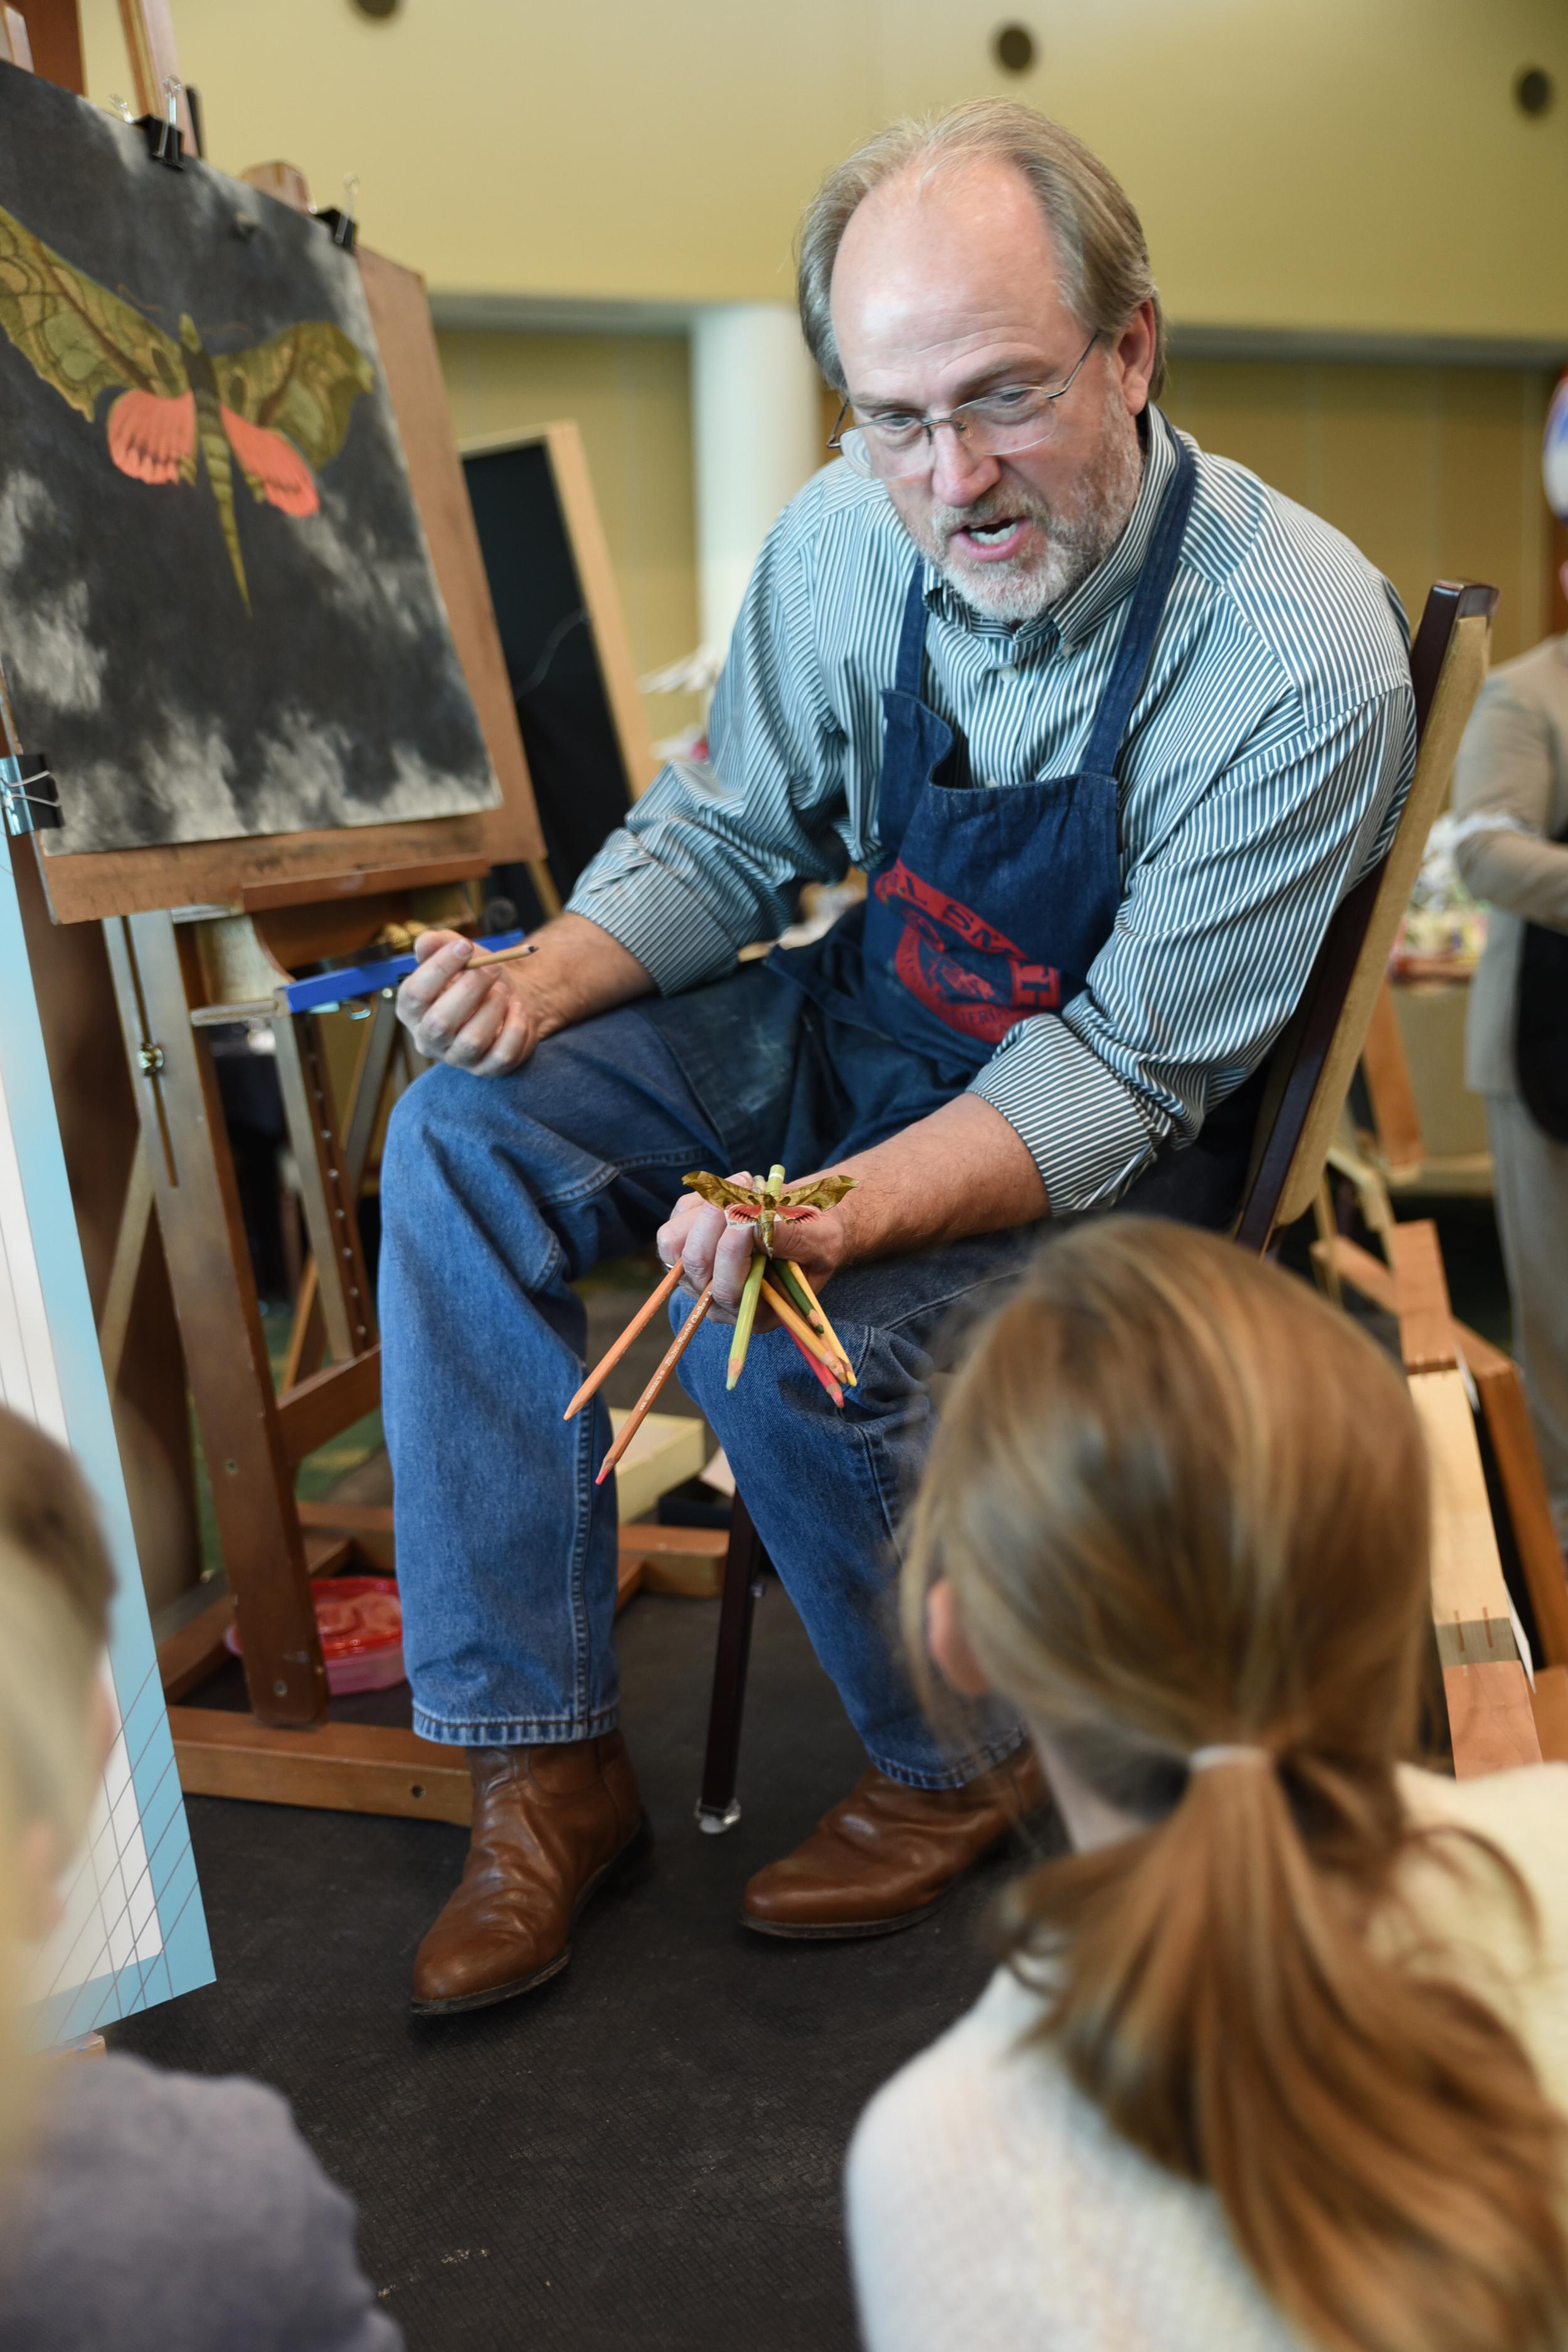 Artist Greg Lewallen explains his process to Hillcrest PDS students.